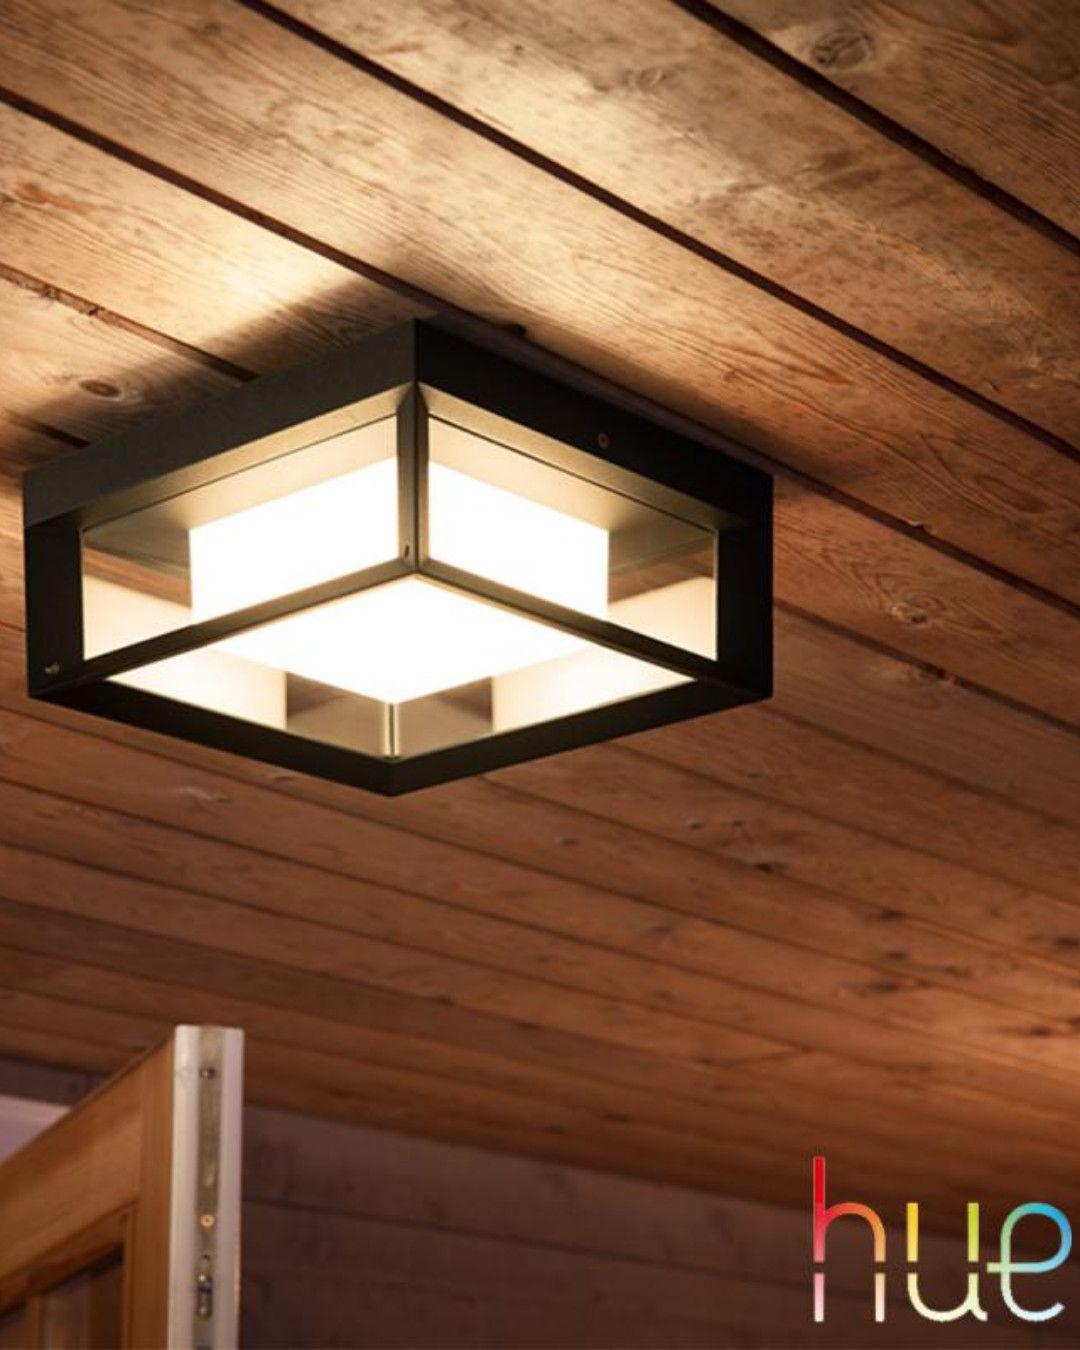 Philips Hue Econic Led Rgbw Decken Wandleuchte 1743830p7 Wandleuchte Led Beleuchtung Decke